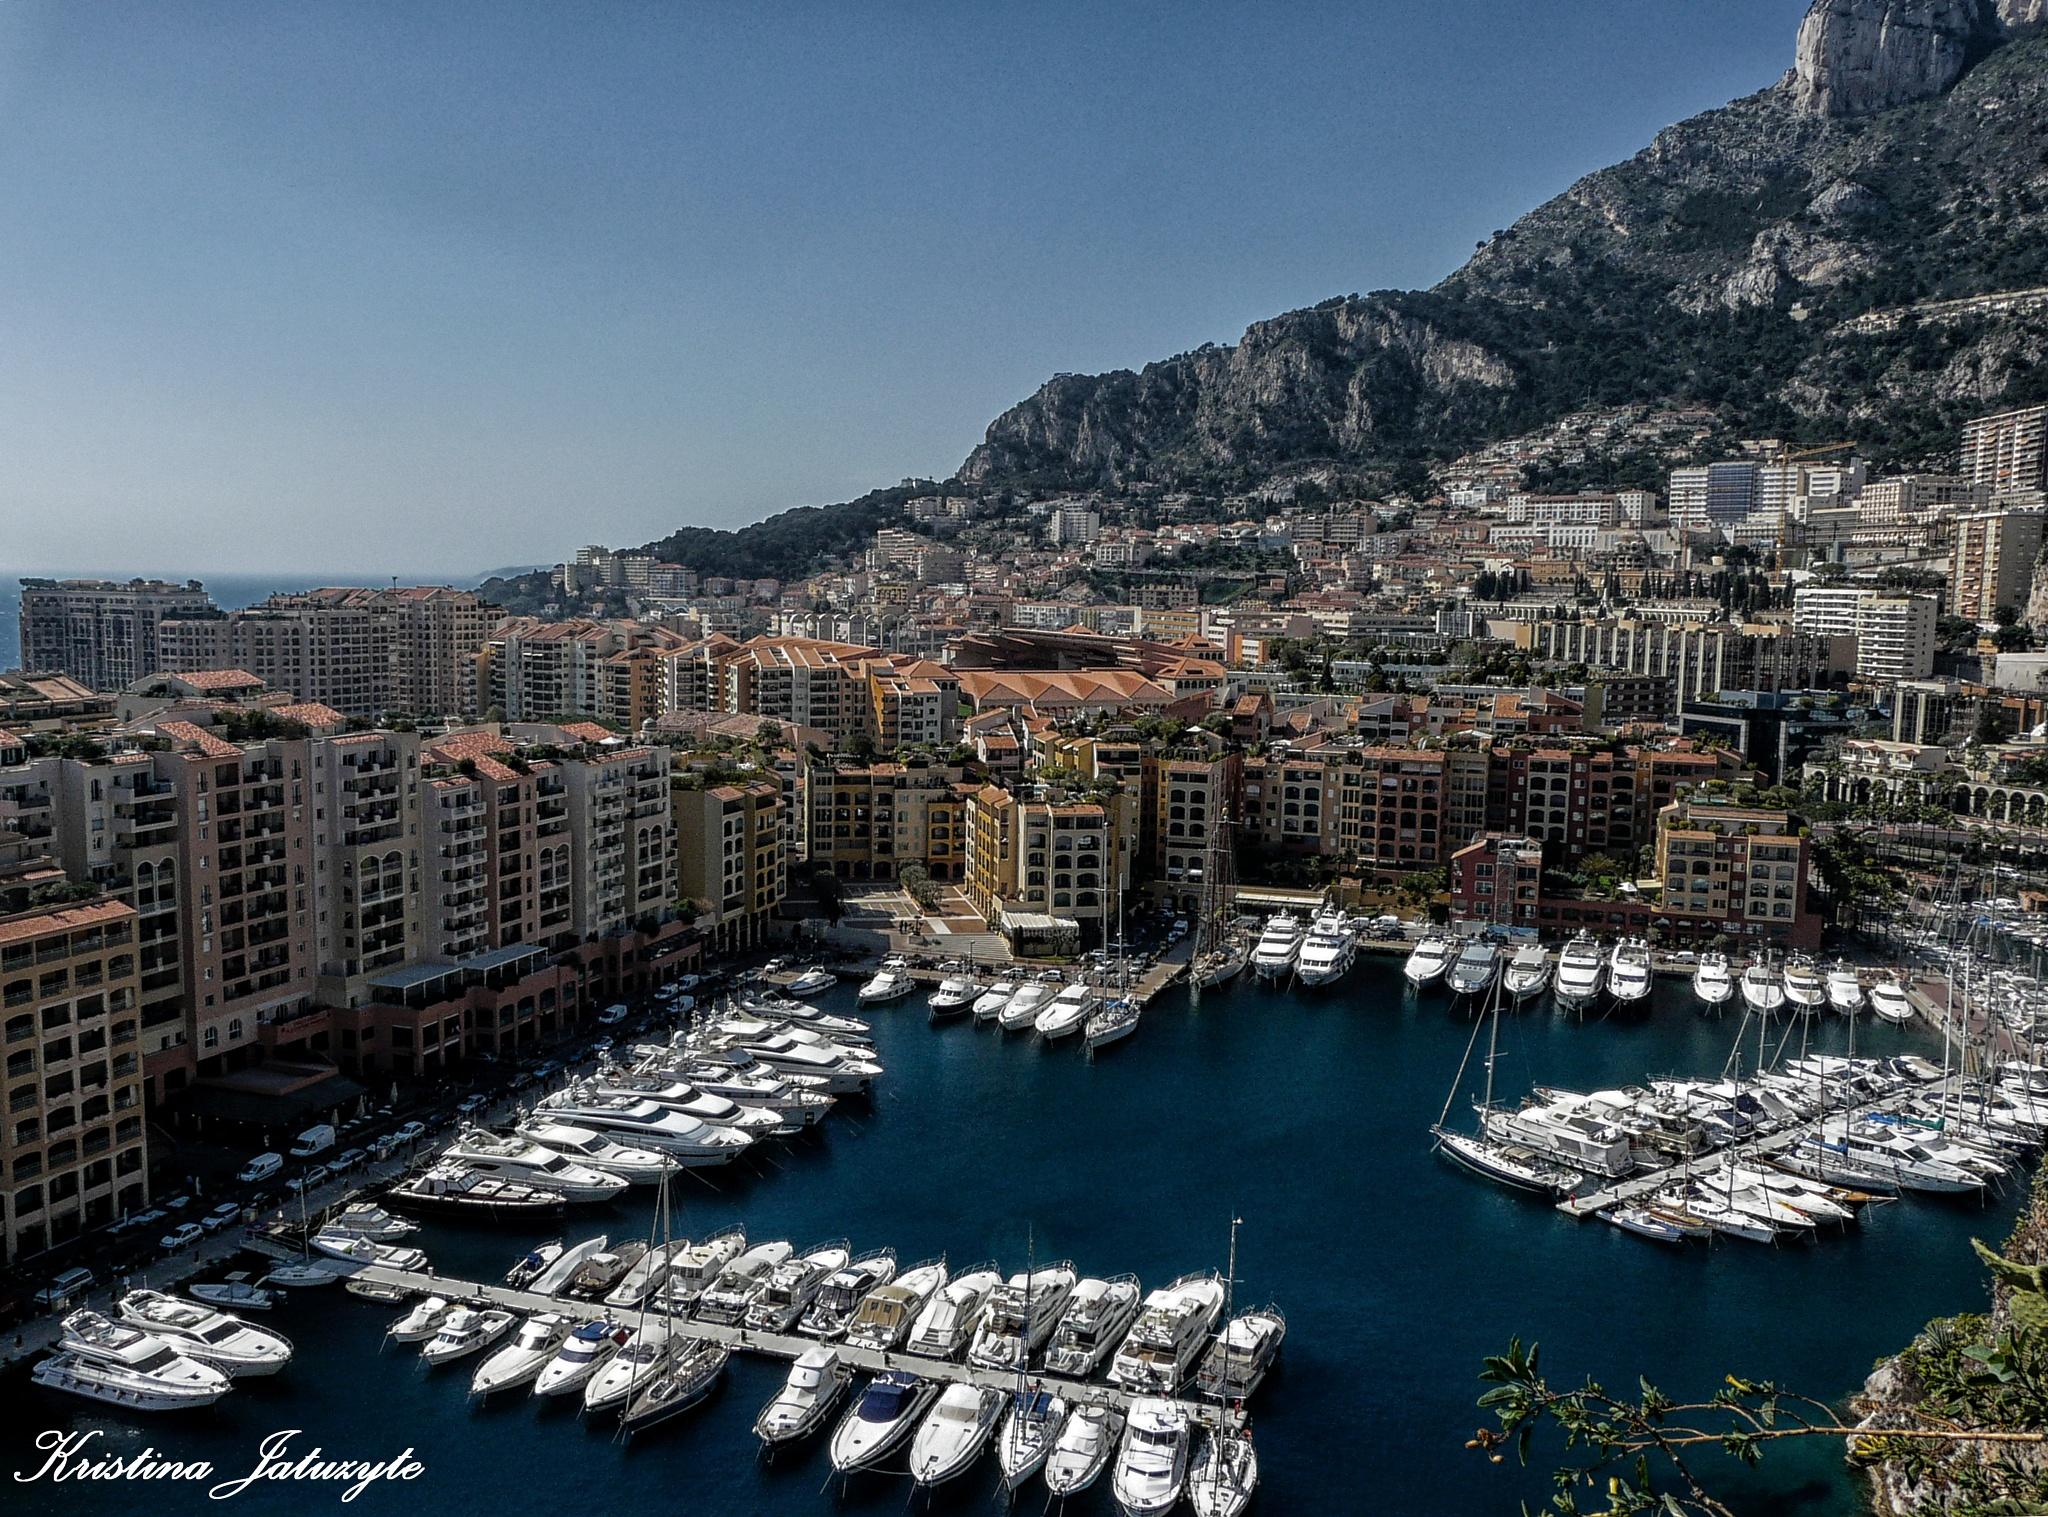 Monaco by Kristina Jatuzyte